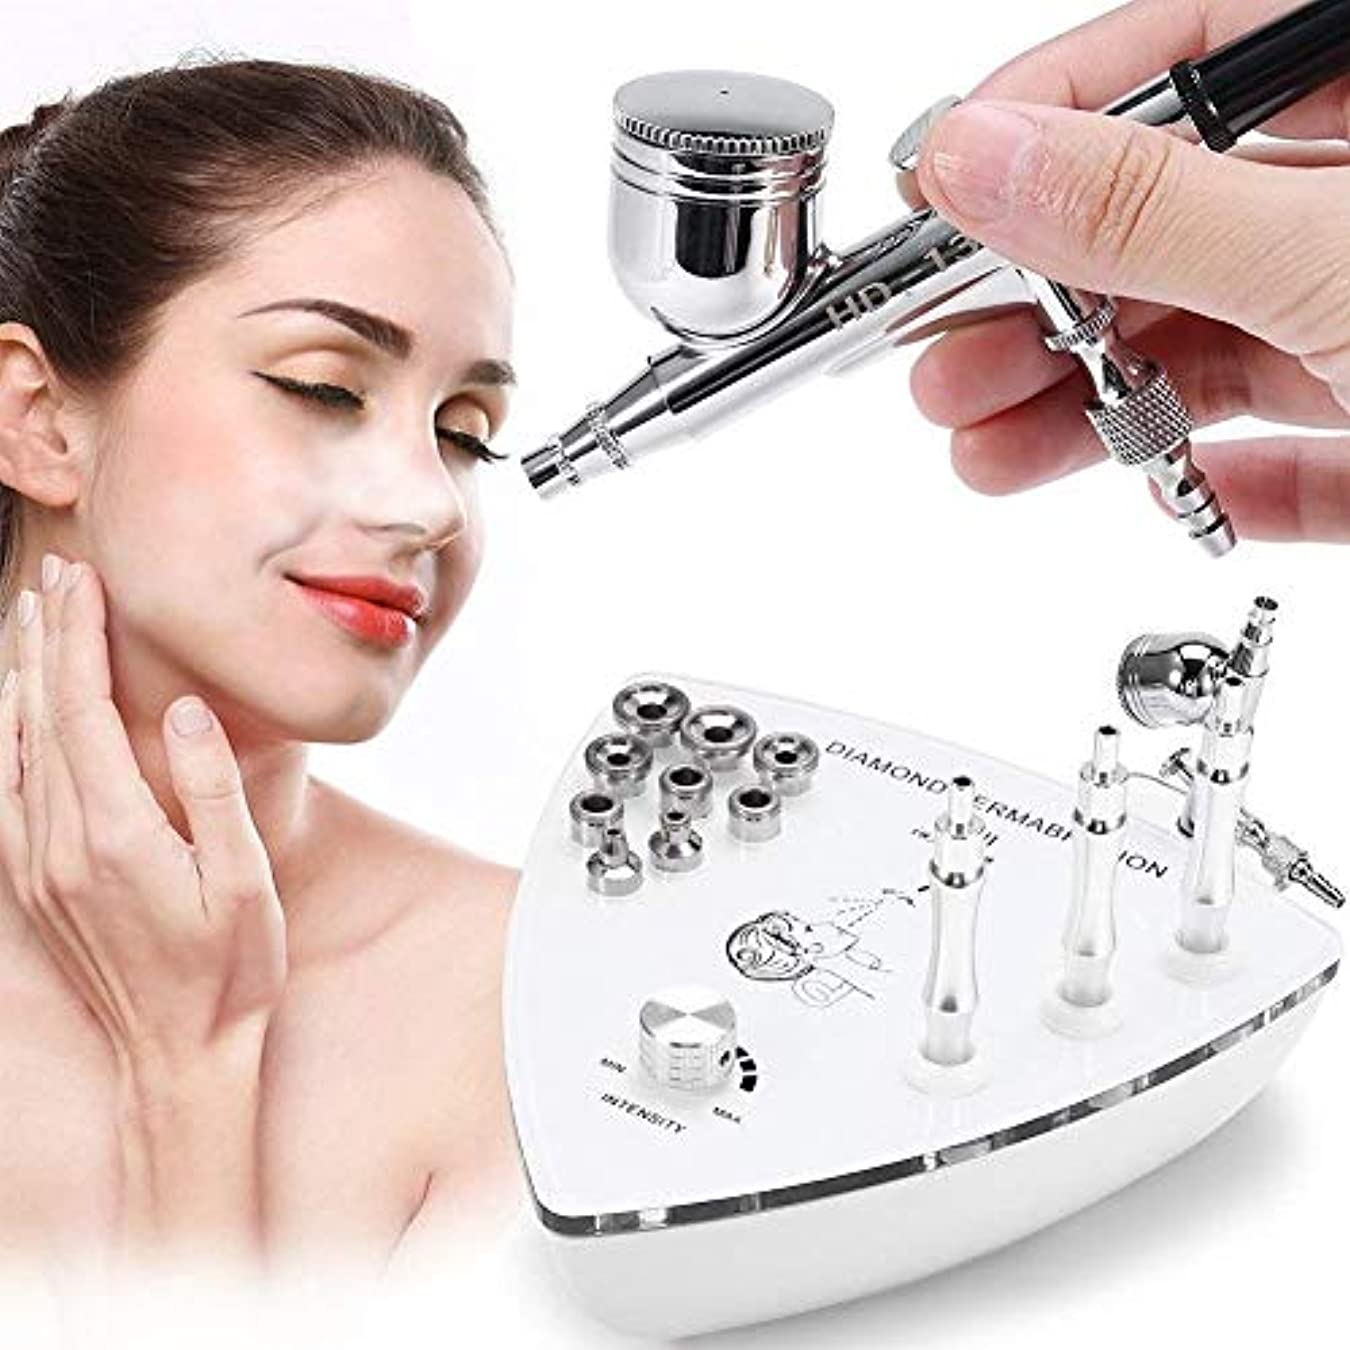 多様性温度フォーラム専門のダイヤモンドのMicrodermabrasion Dermabrasion機械、顔の心配の皮装置水スプレーのしわの取り外しの皮のきつく締まる剥離のための家の使用のための装置